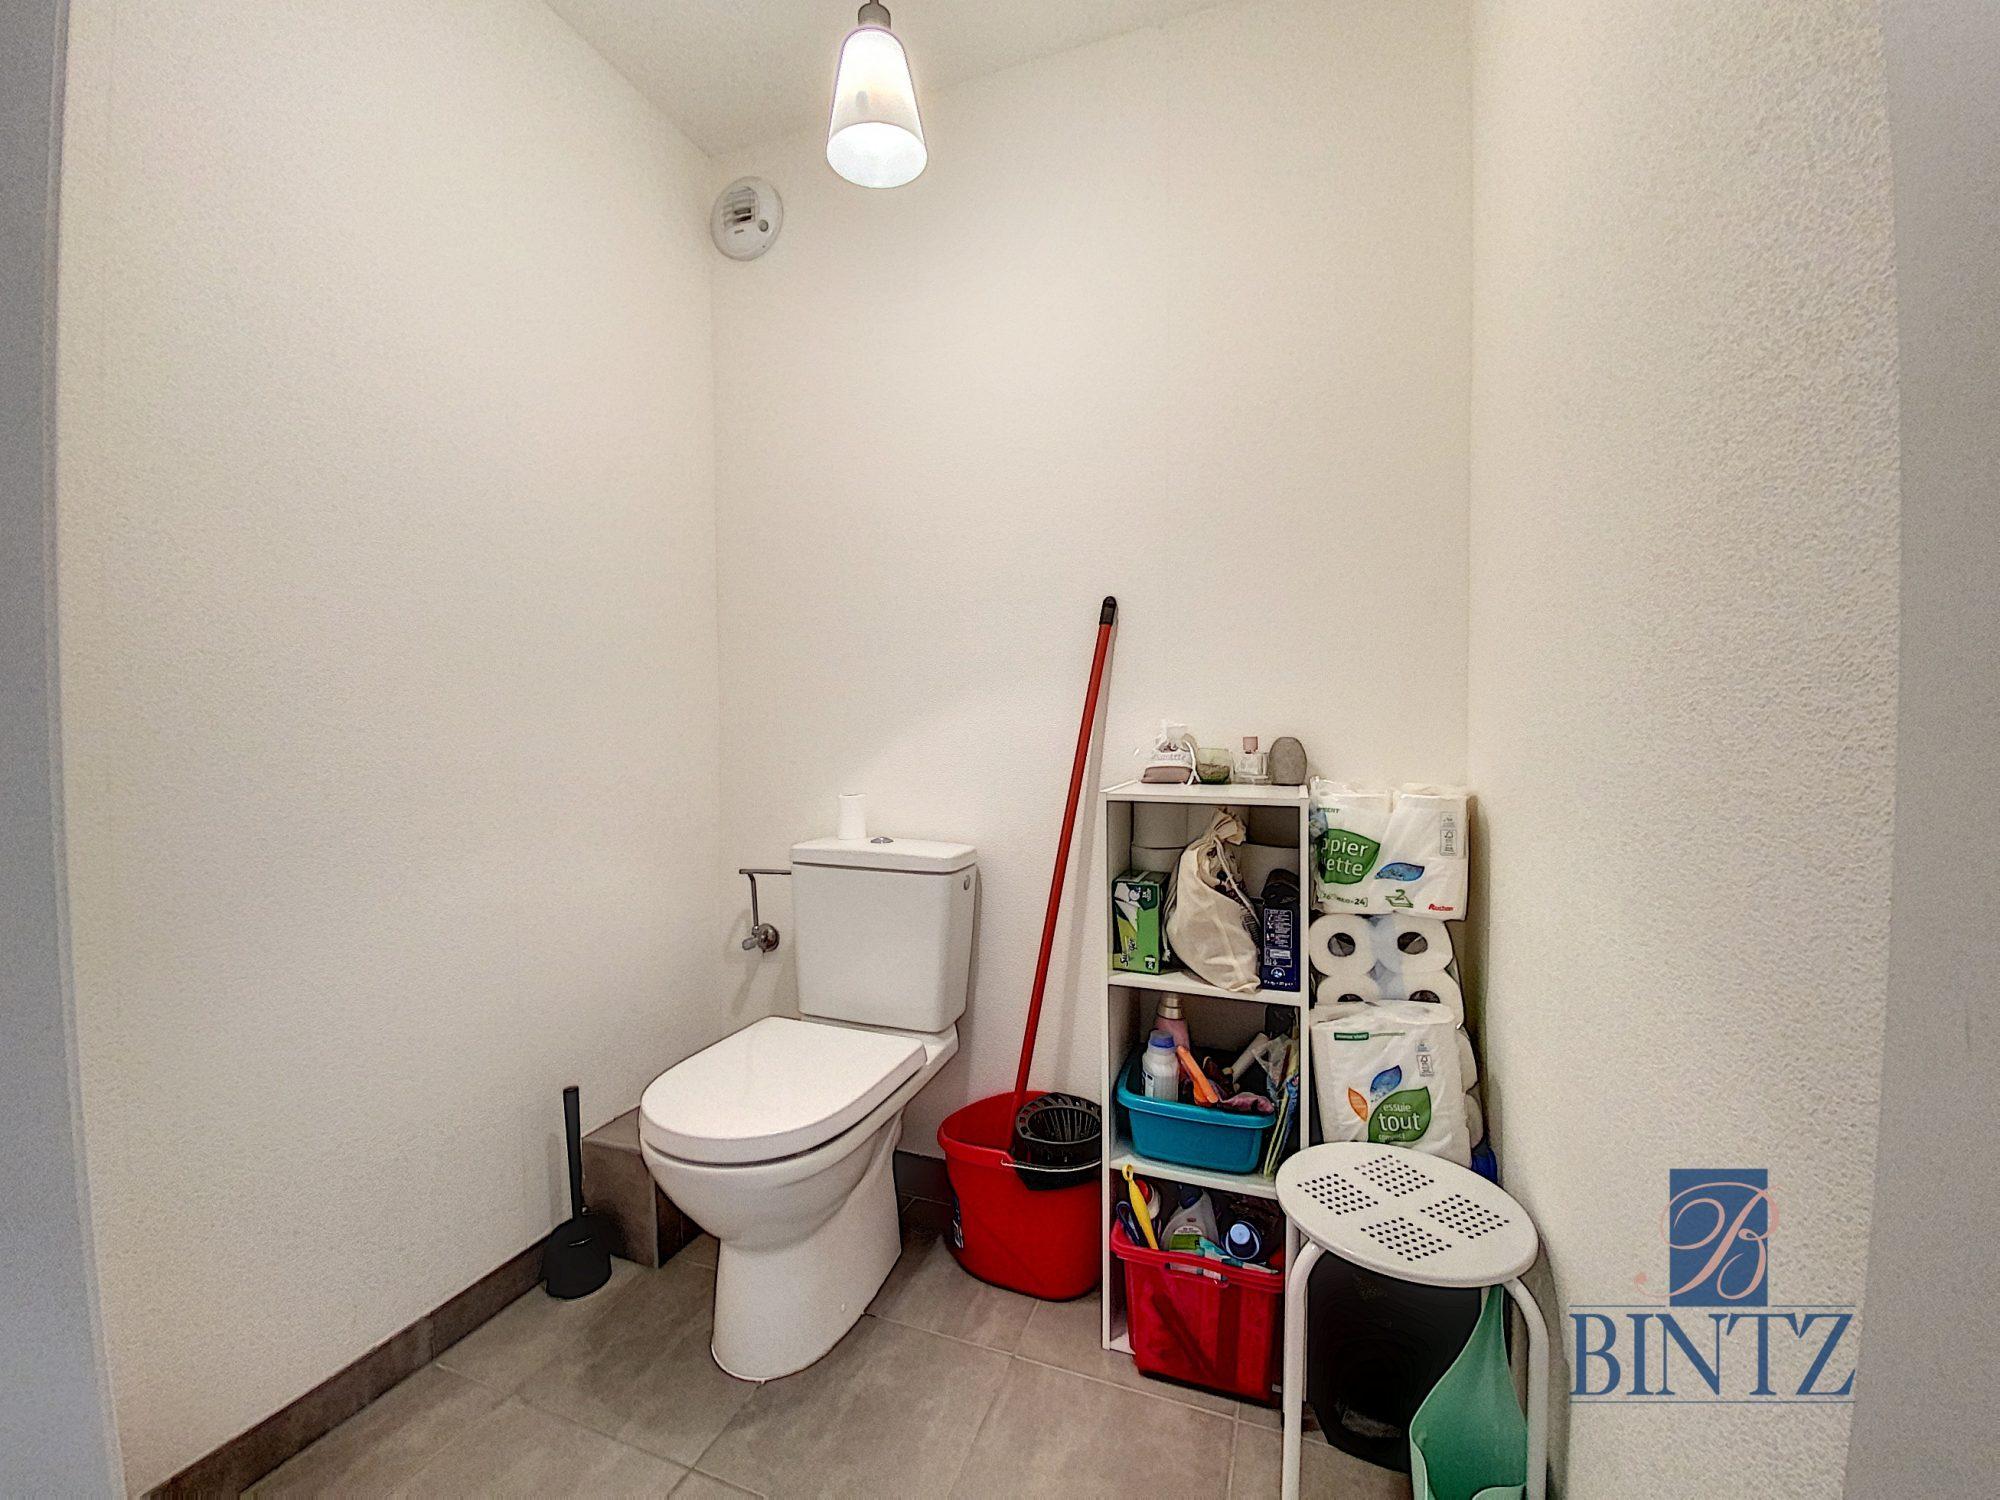 3 pièces neuf avec terrasse Schiltigheim - Devenez propriétaire en toute confiance - Bintz Immobilier - 15